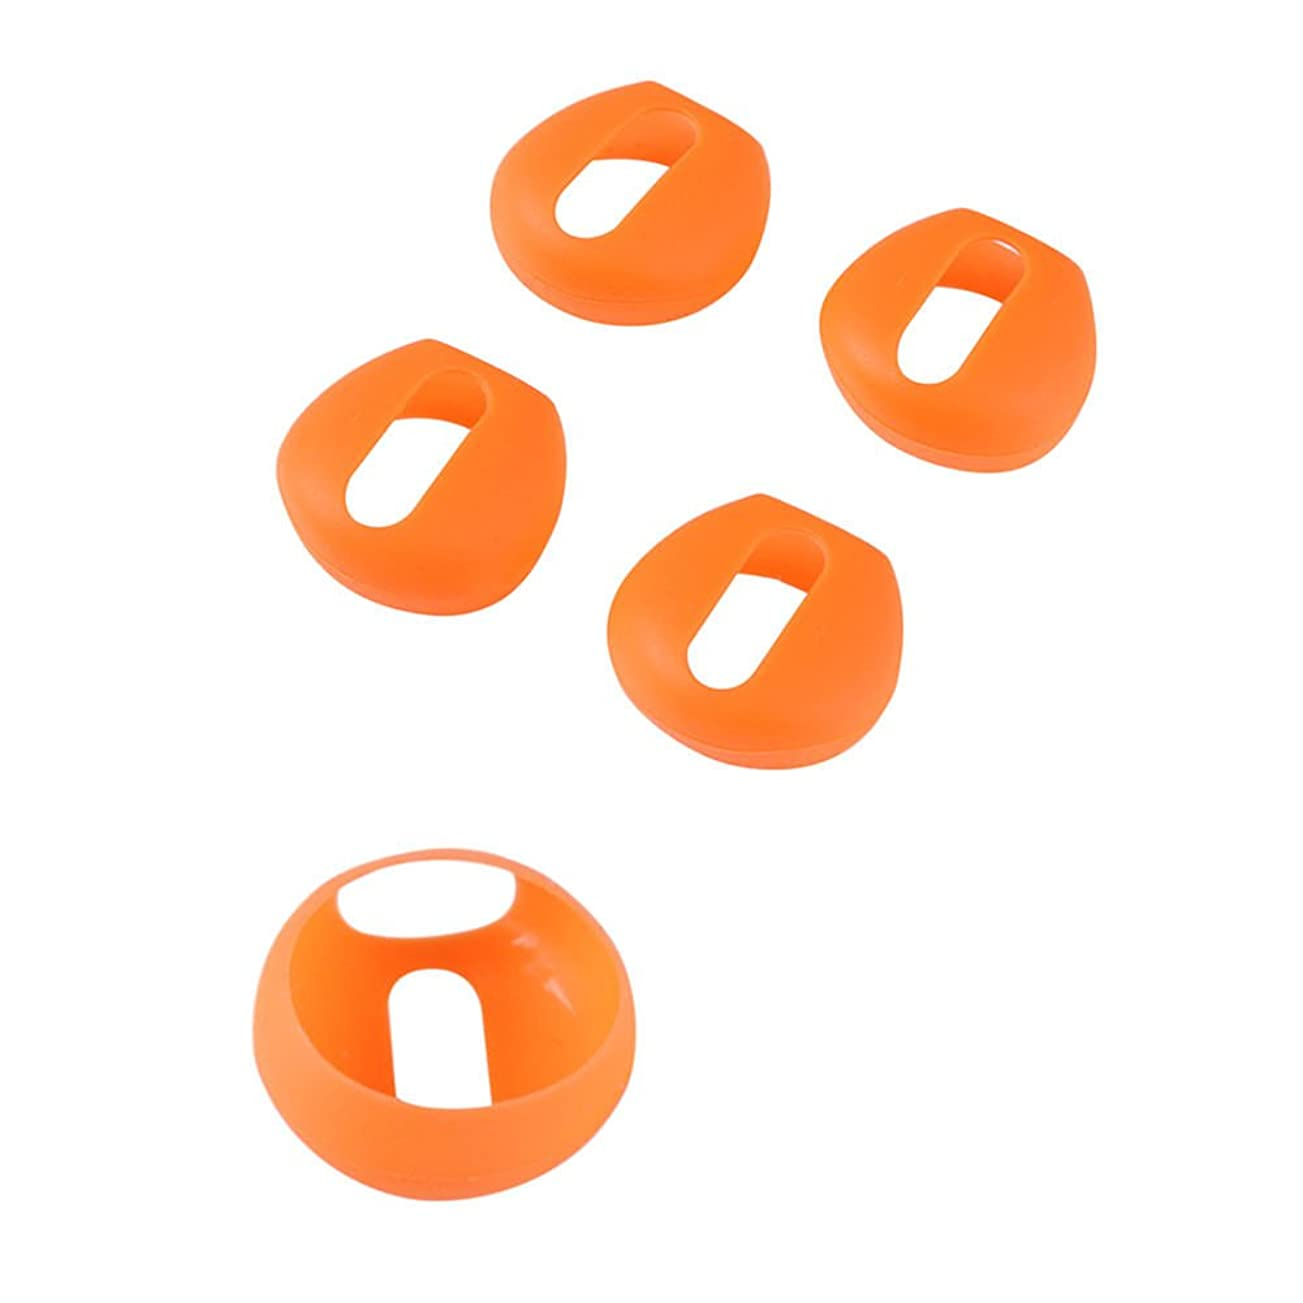 不測の事態前提条件良性Deylaying 1セット イヤホンキャップ for Apple Airpods 滑り止めイヤホンキャップ オレンジ